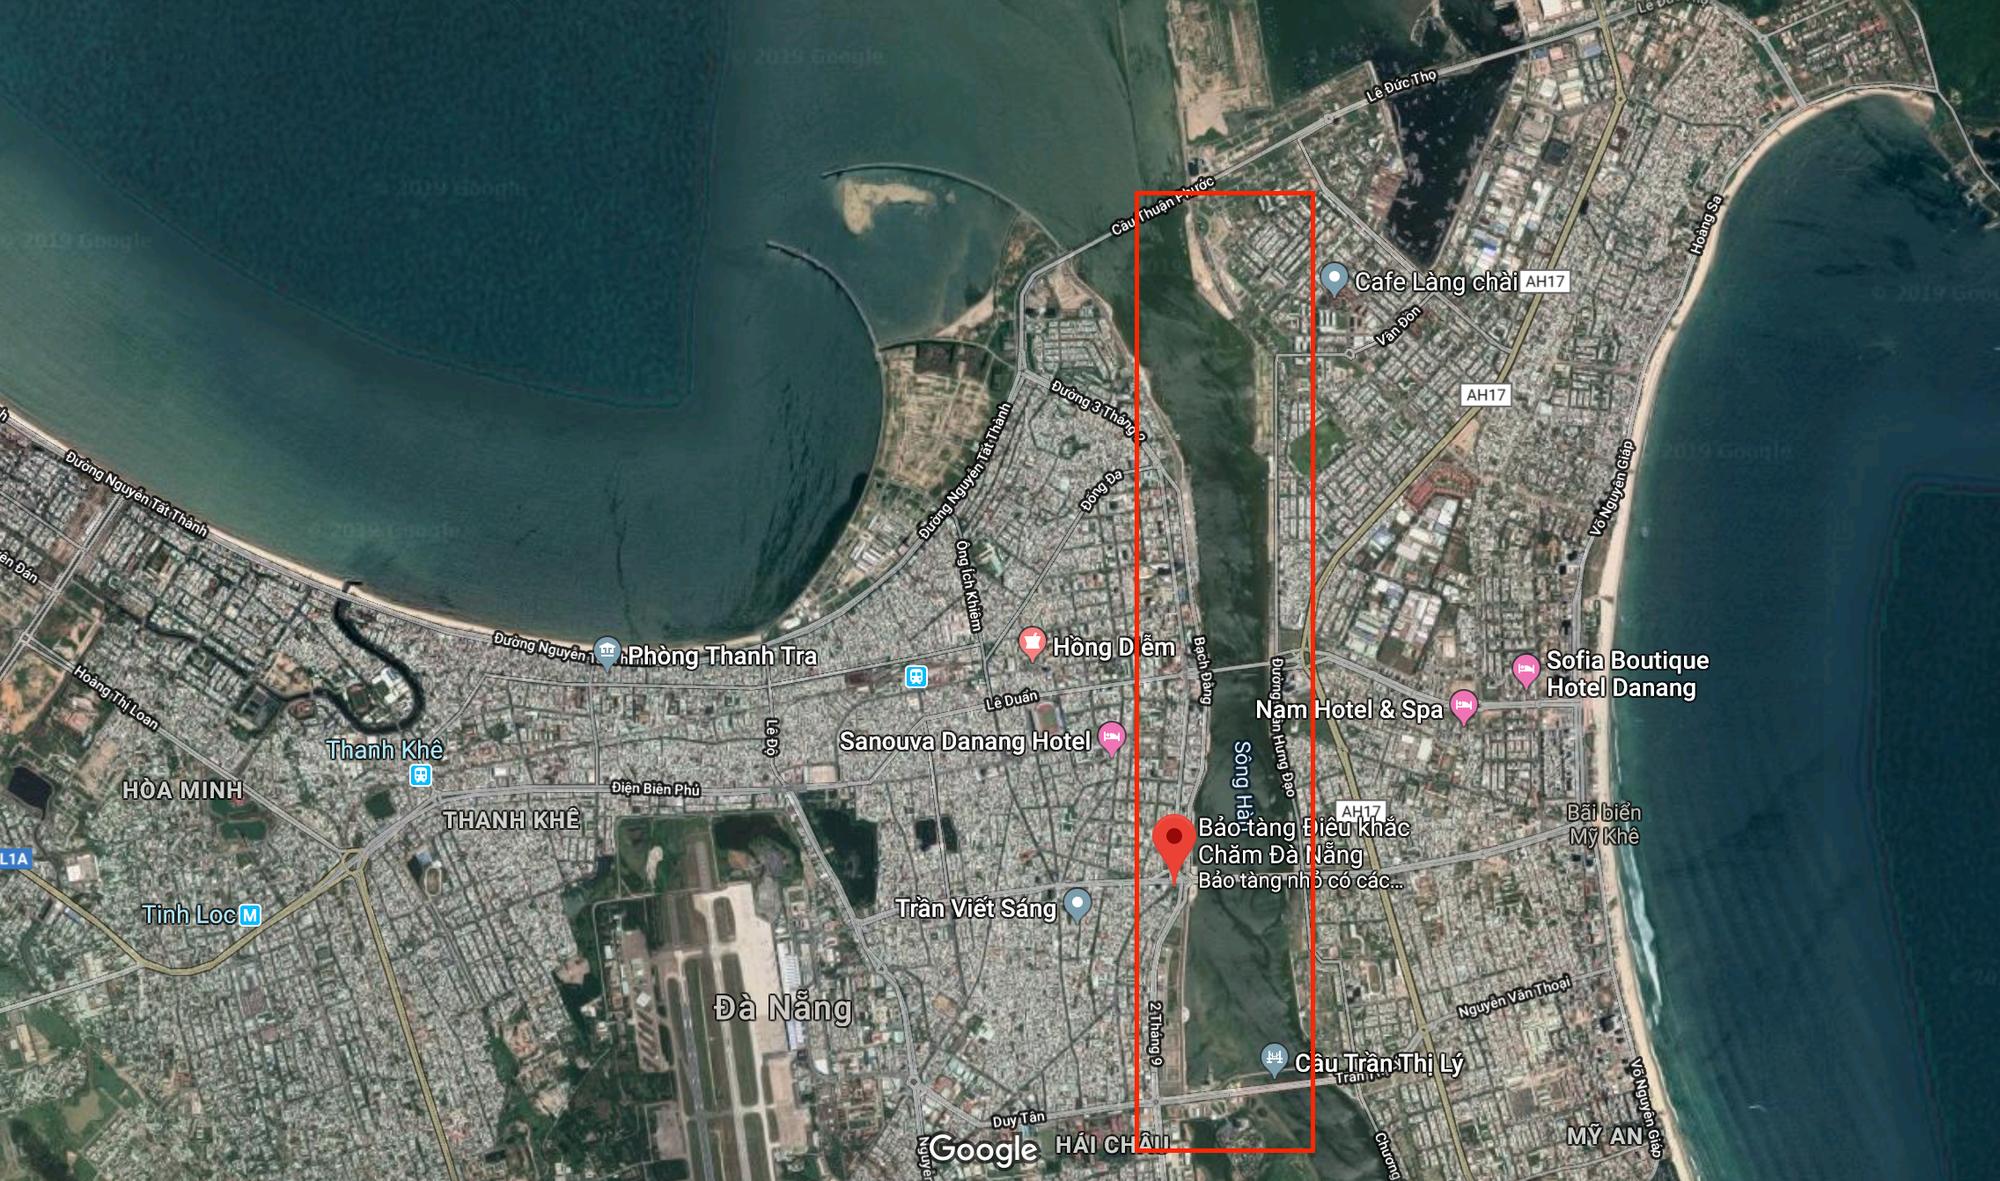 Phó Chủ tịch Đà Nẵng: Không chỉ tạm dừng Marina Complex mà tất cả dự án ven sông Hàn cũng không được thi công - Ảnh 3.